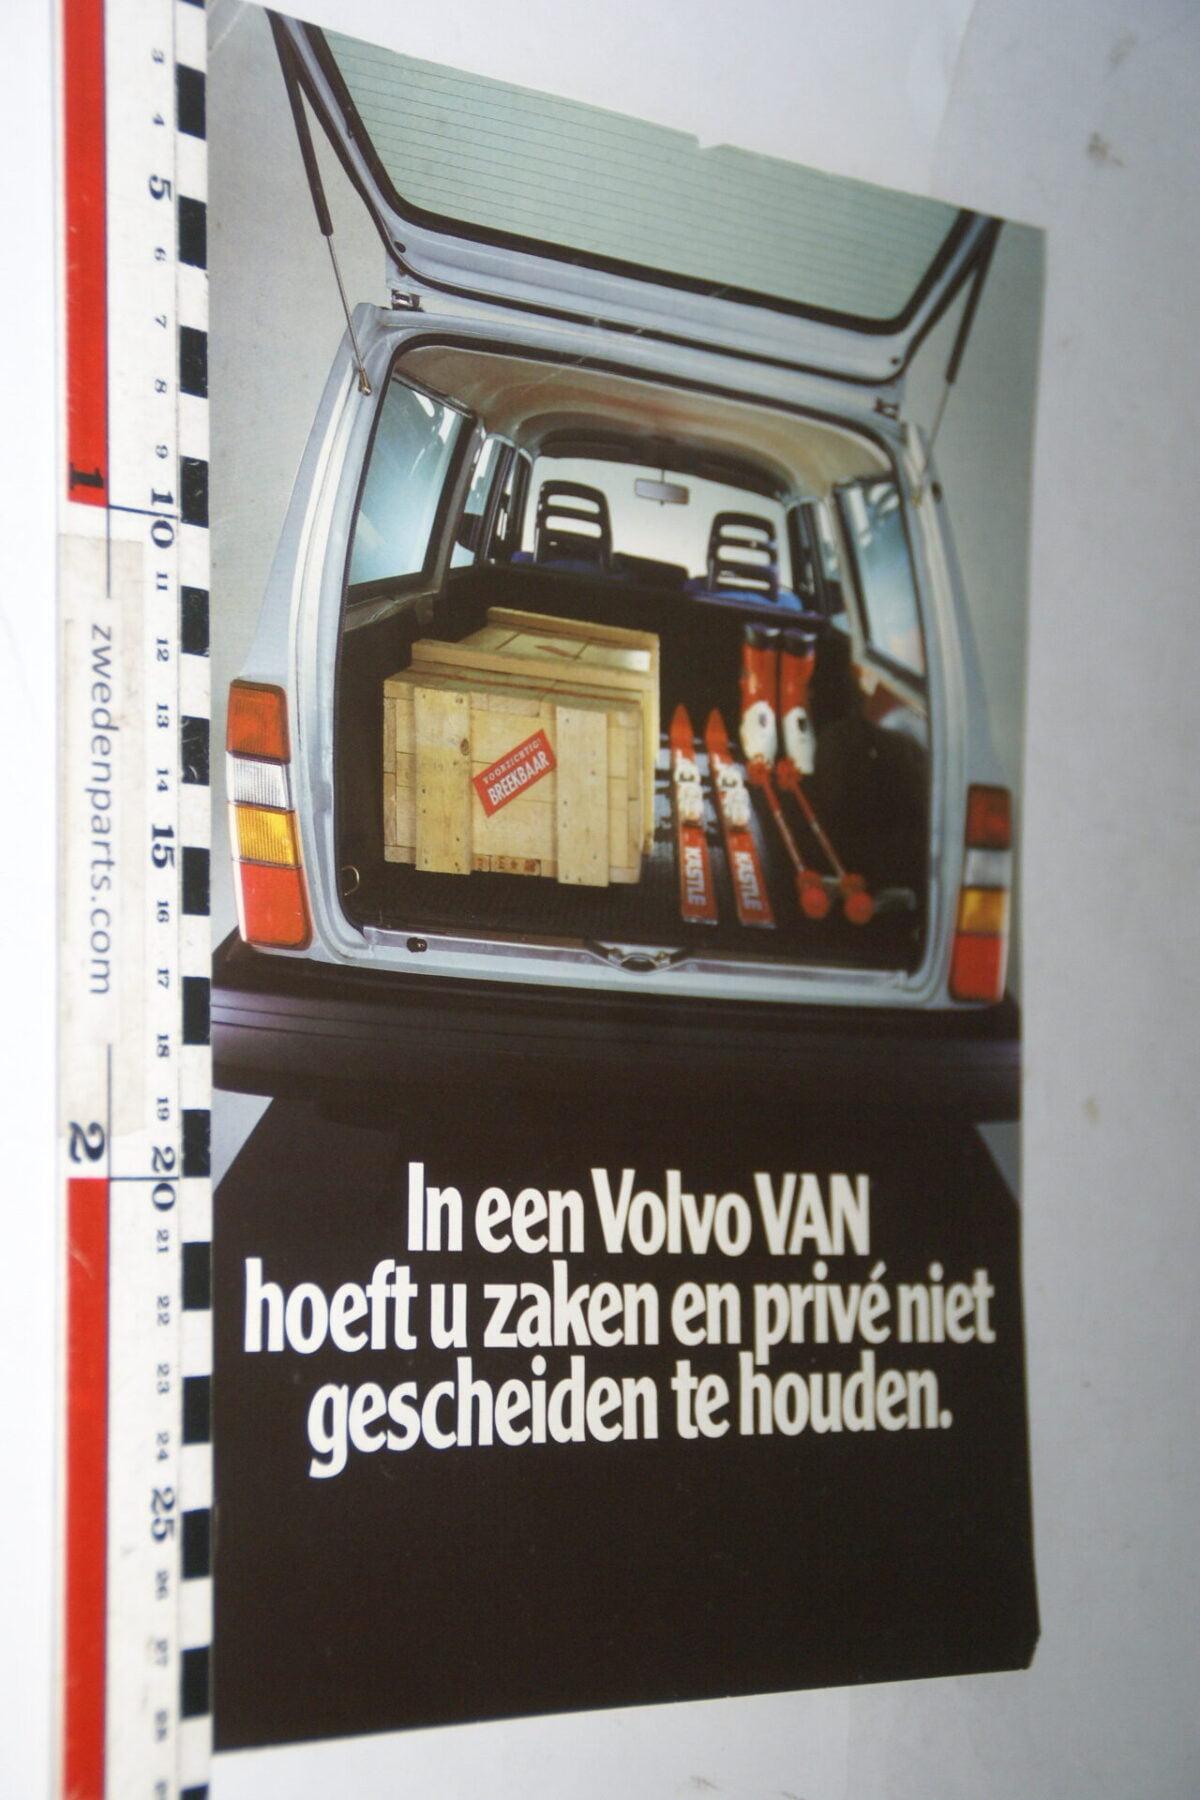 DSC07618 ca. 1984 originele brochure Volvo 245 VAN-455f6a73